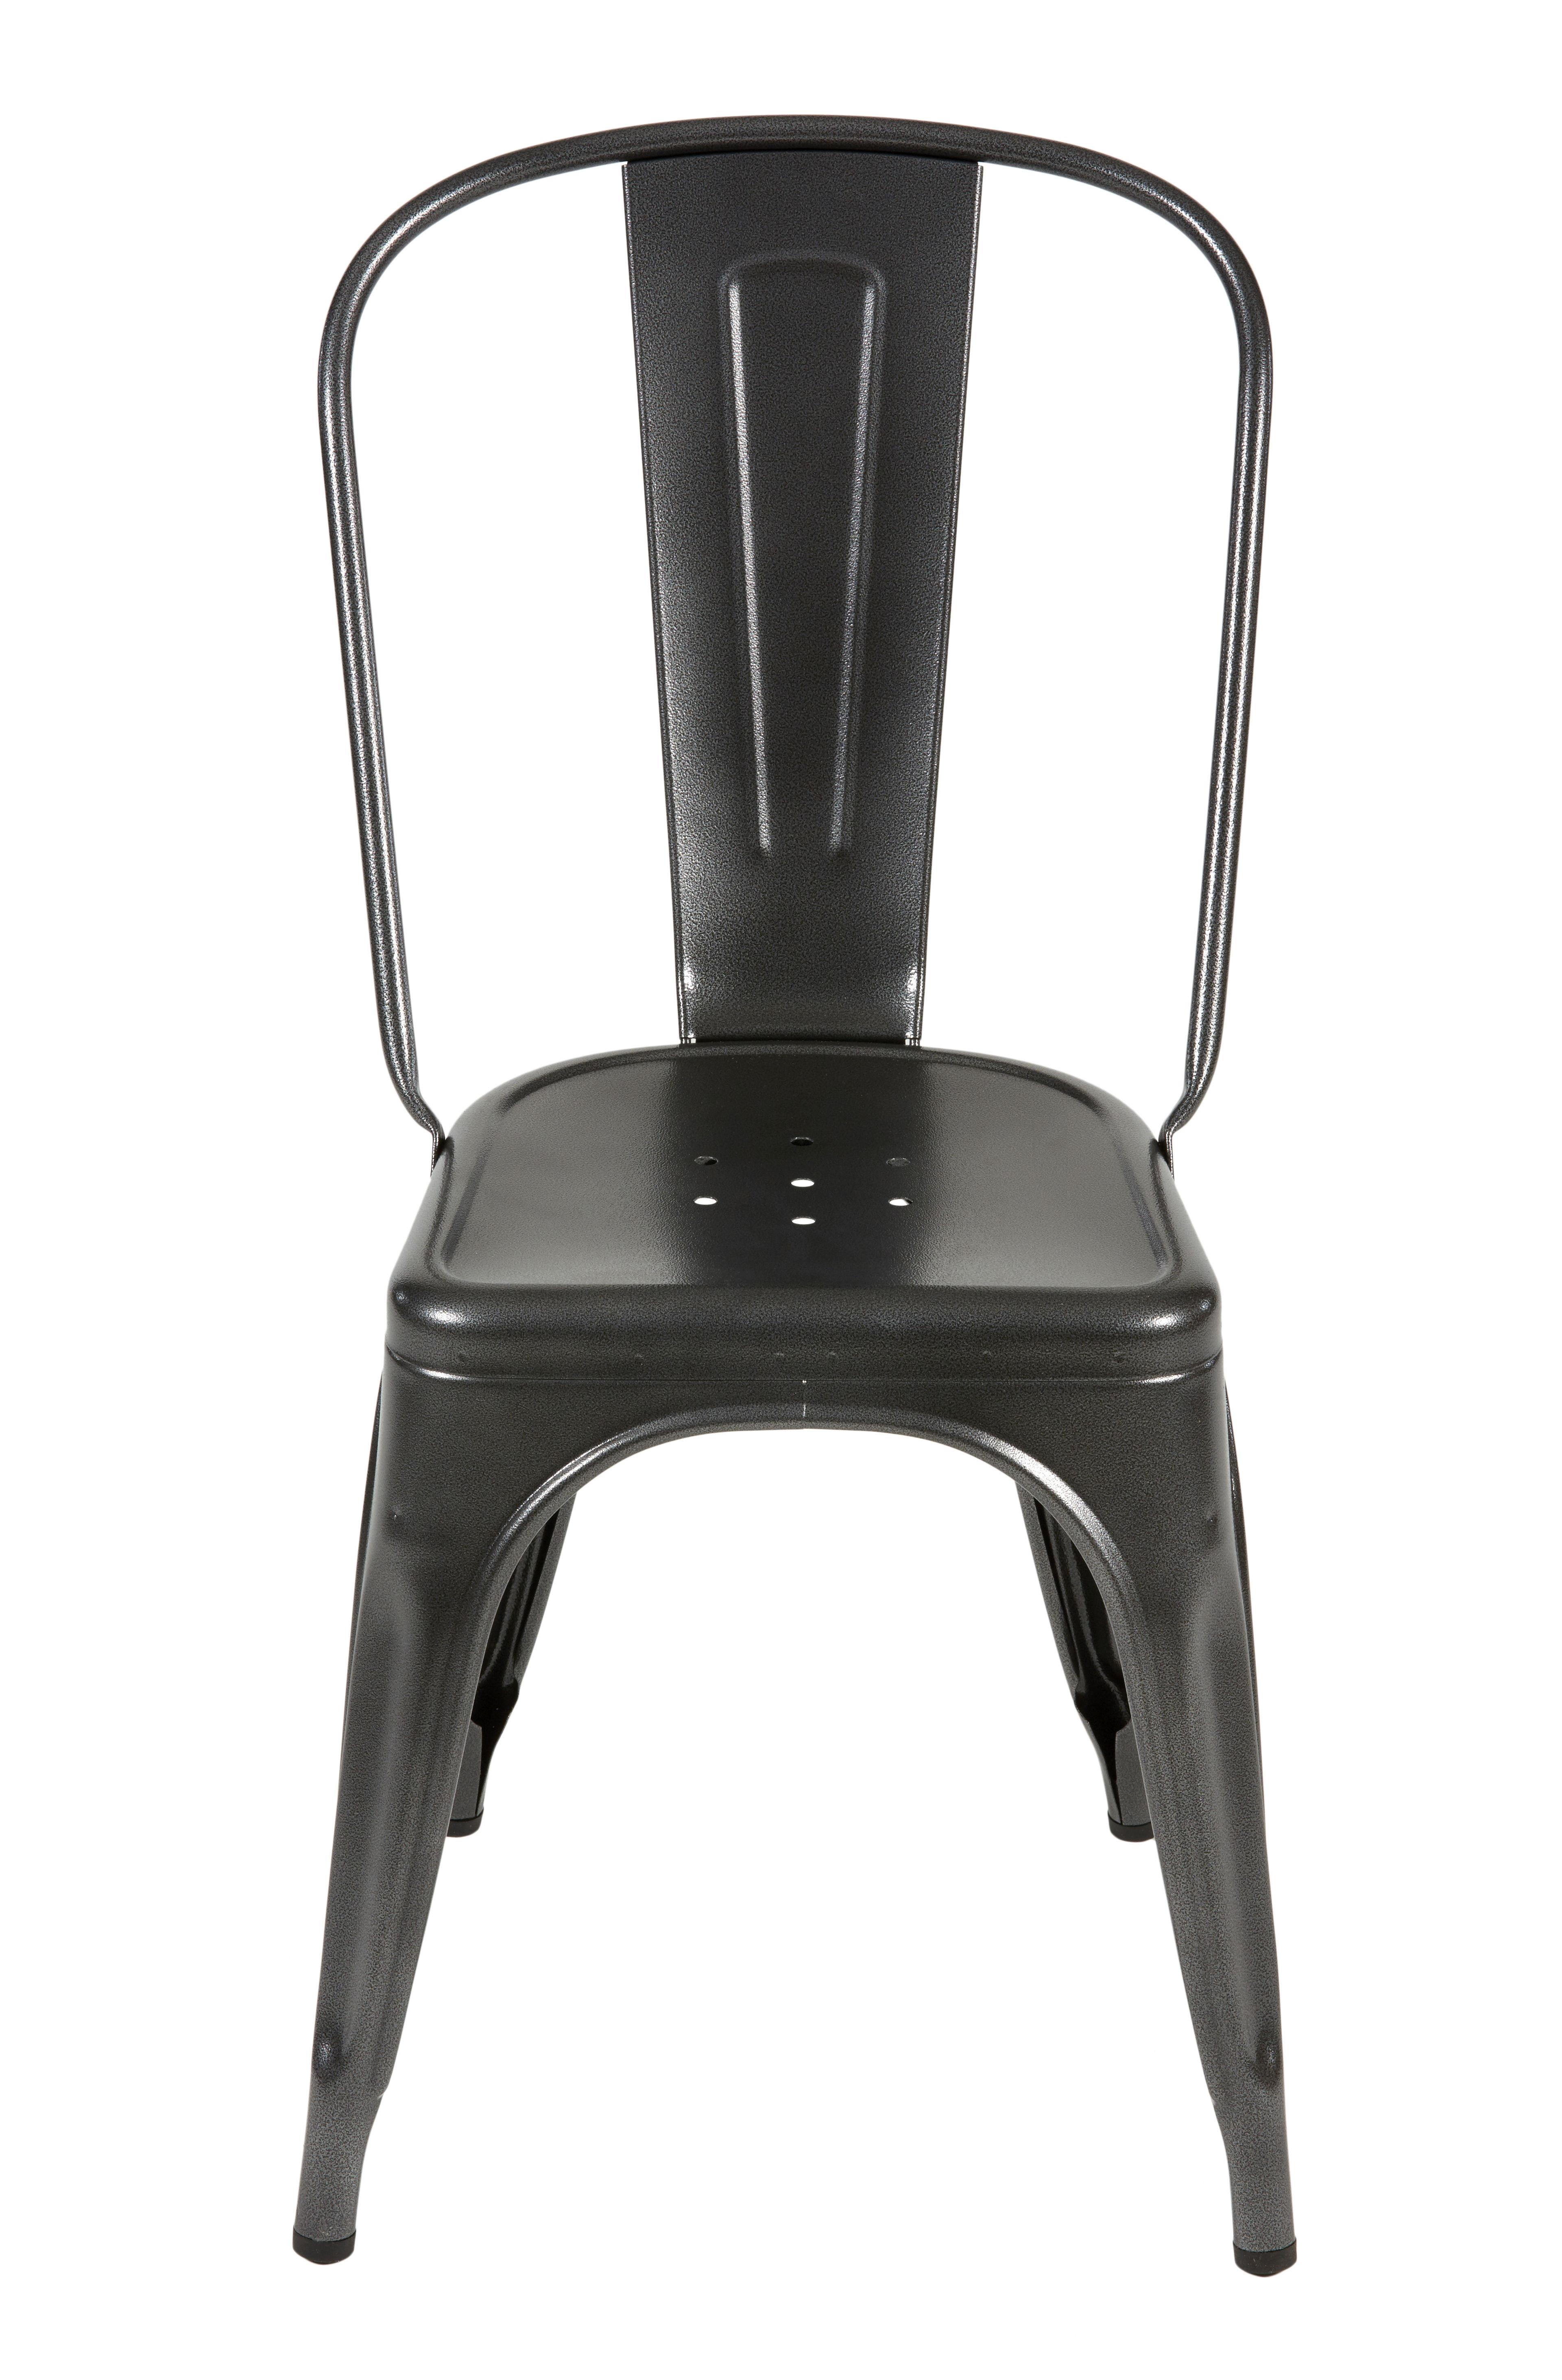 Mobilier - Chaises, fauteuils de salle à manger - Chaise empilable A / Acier - Couleur mate texturée - Tolix - Gris martelé (mat grainé) - Acier recyclé laqué